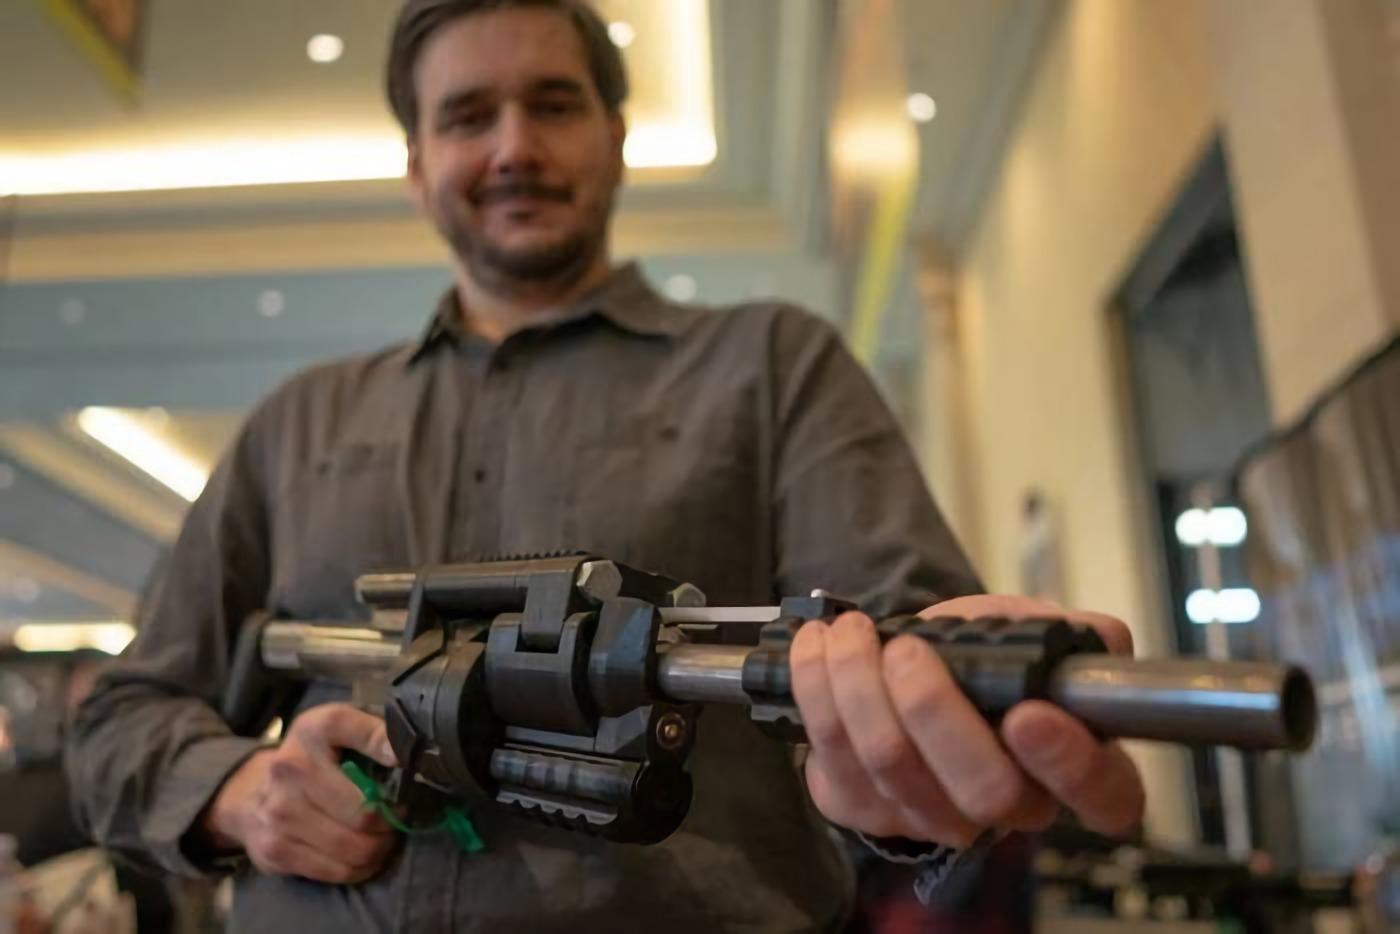 Огнестрельный DIY: история и перспективы 3D-печатного оружия - 17